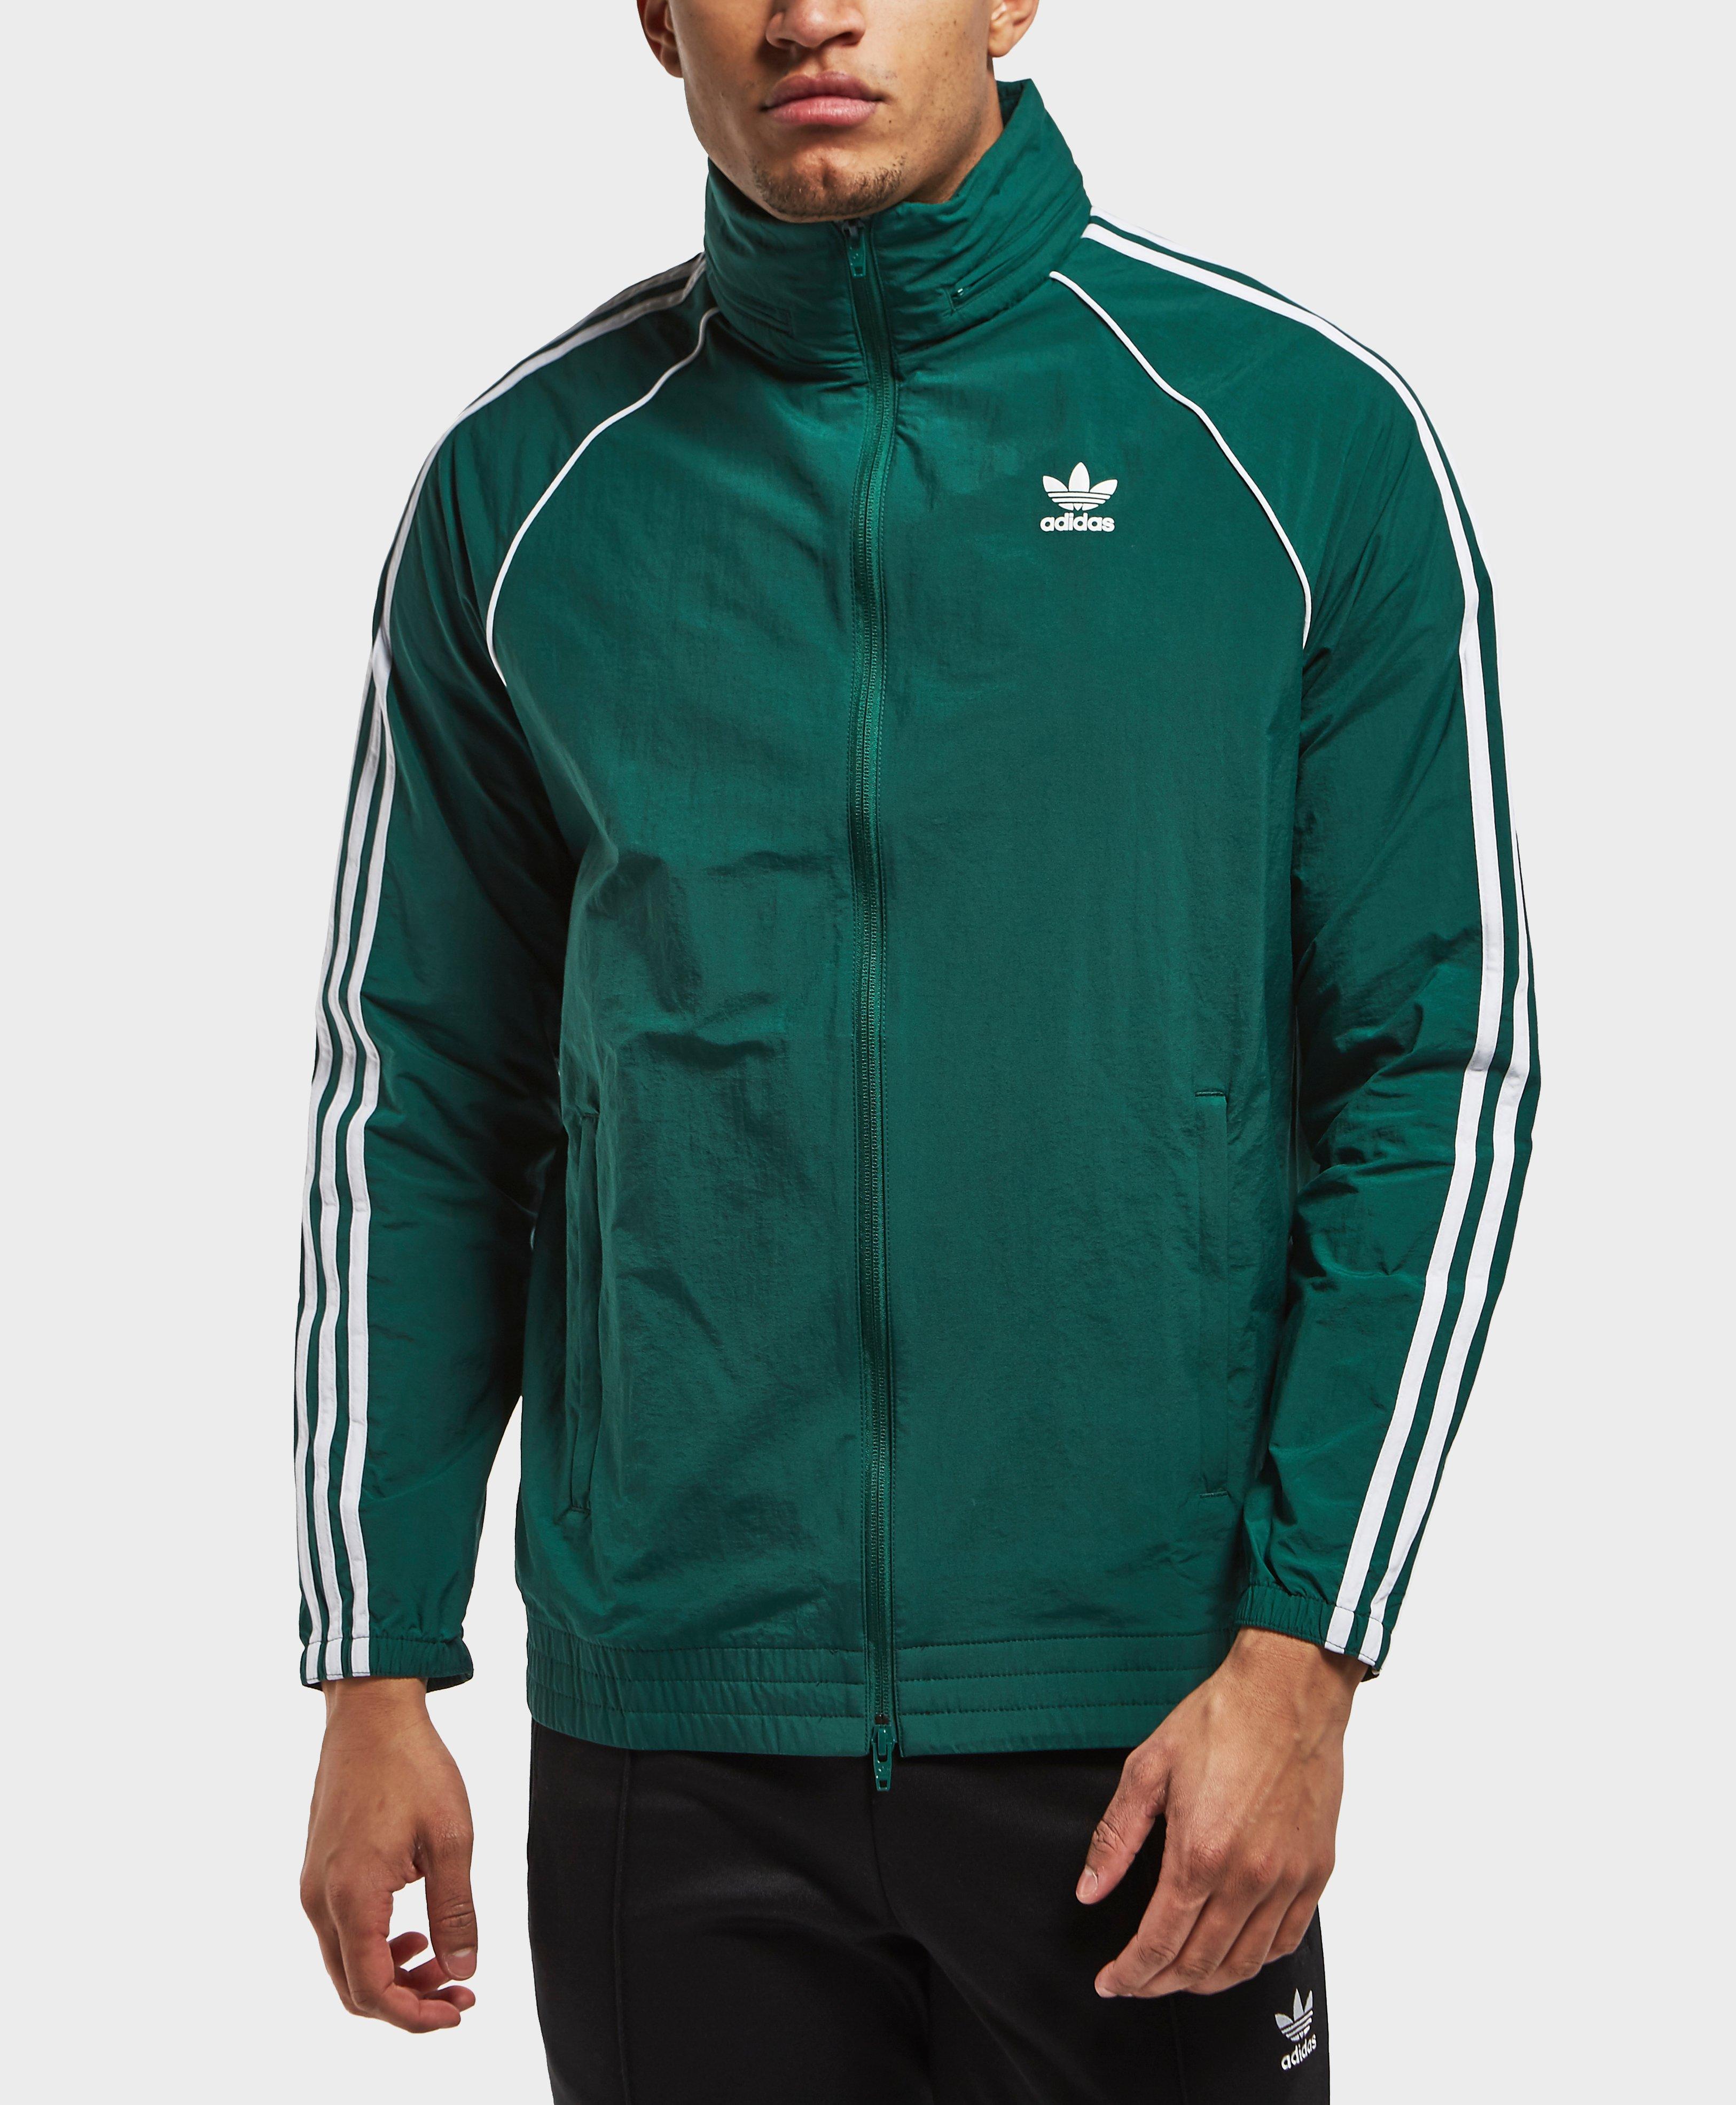 Adidas Originals Superstar rompevientos en verde para hombres Lyst